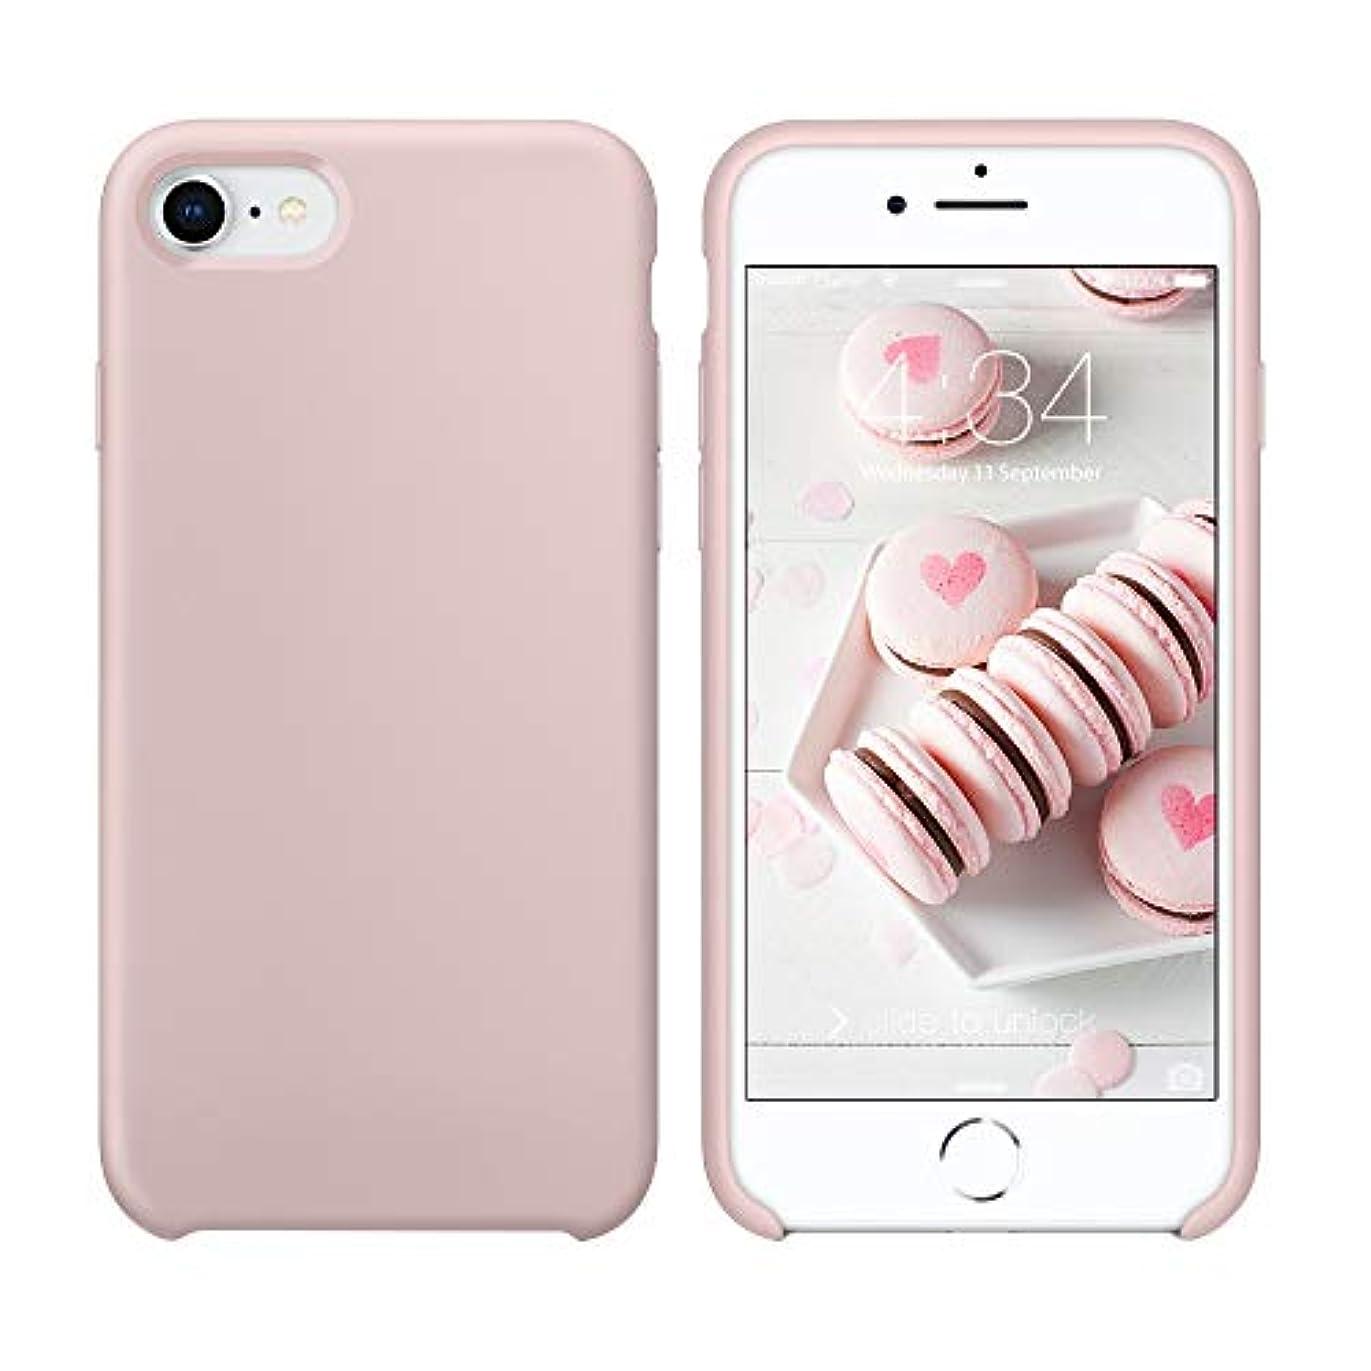 普及セール会うSURPHY iPhone SE ケース第2世代 iPhone SE2 ケース(2020) iPhone 8 ケース iPhone7 ケース 4.7 インチ カバー ワイヤレス充電対応 衝撃吸収 高品質PU シリコン 落下防止 防指紋 超軽量 超薄(ピンク)